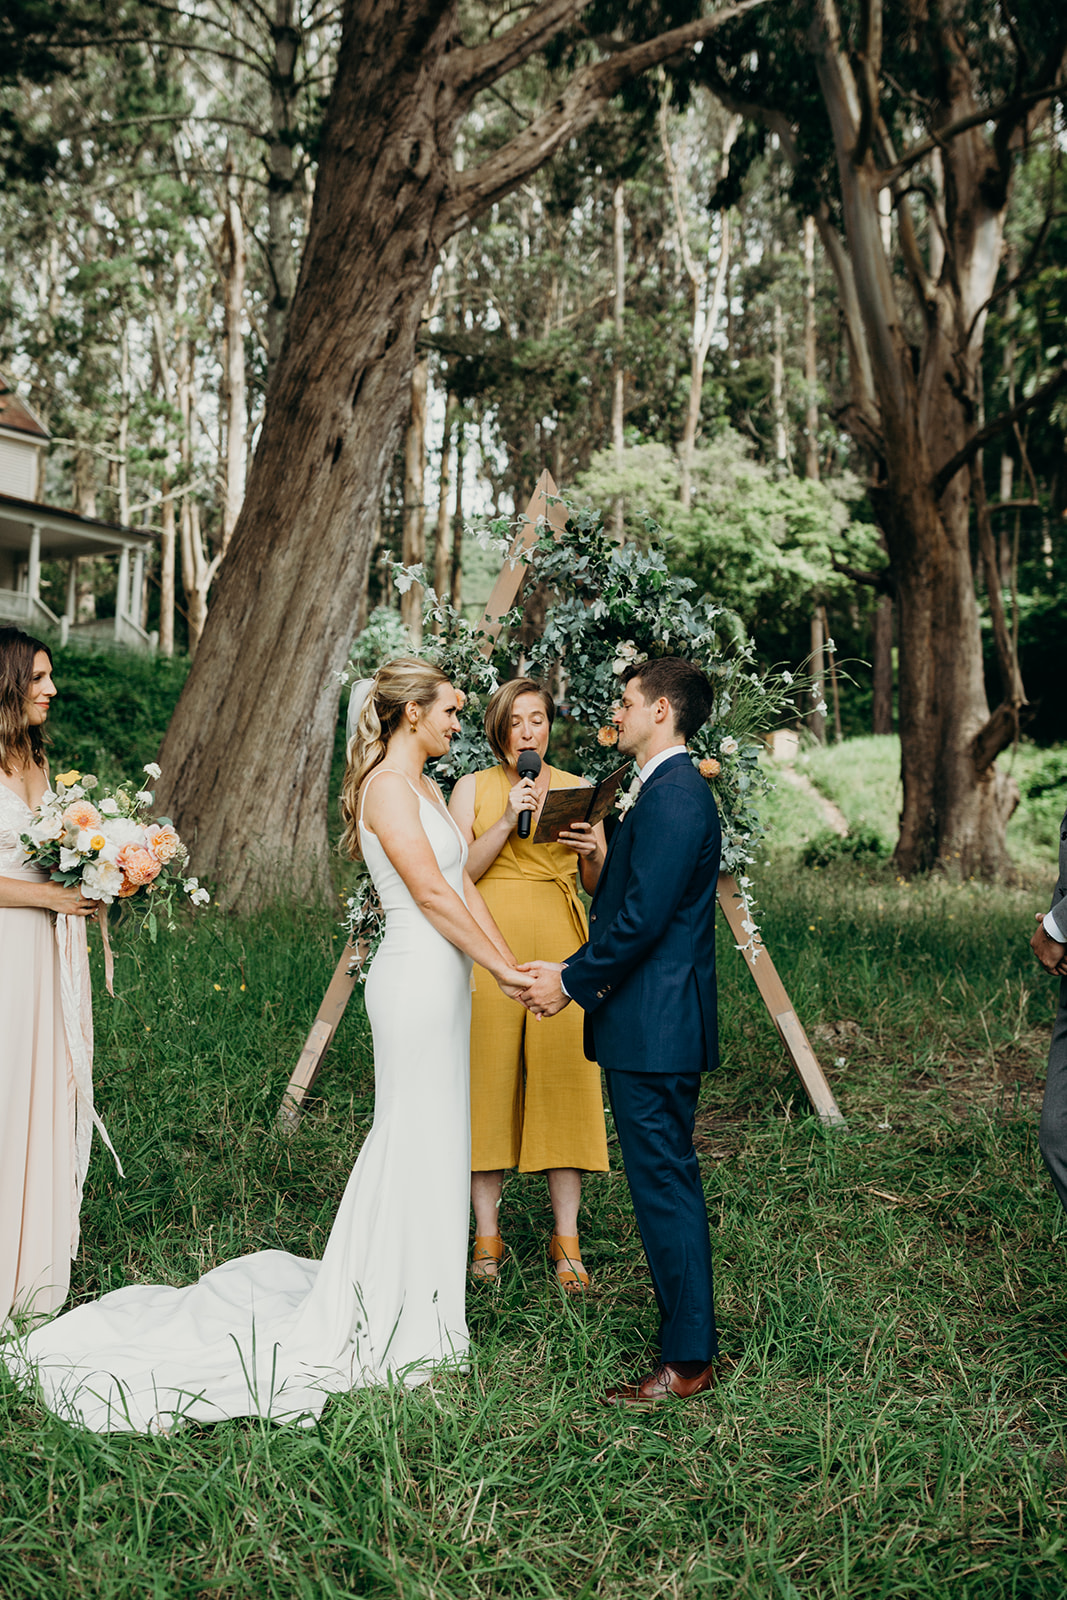 Whitney-Lauren-Headlands-Center-for-The-Arts-Wedding-682.jpg